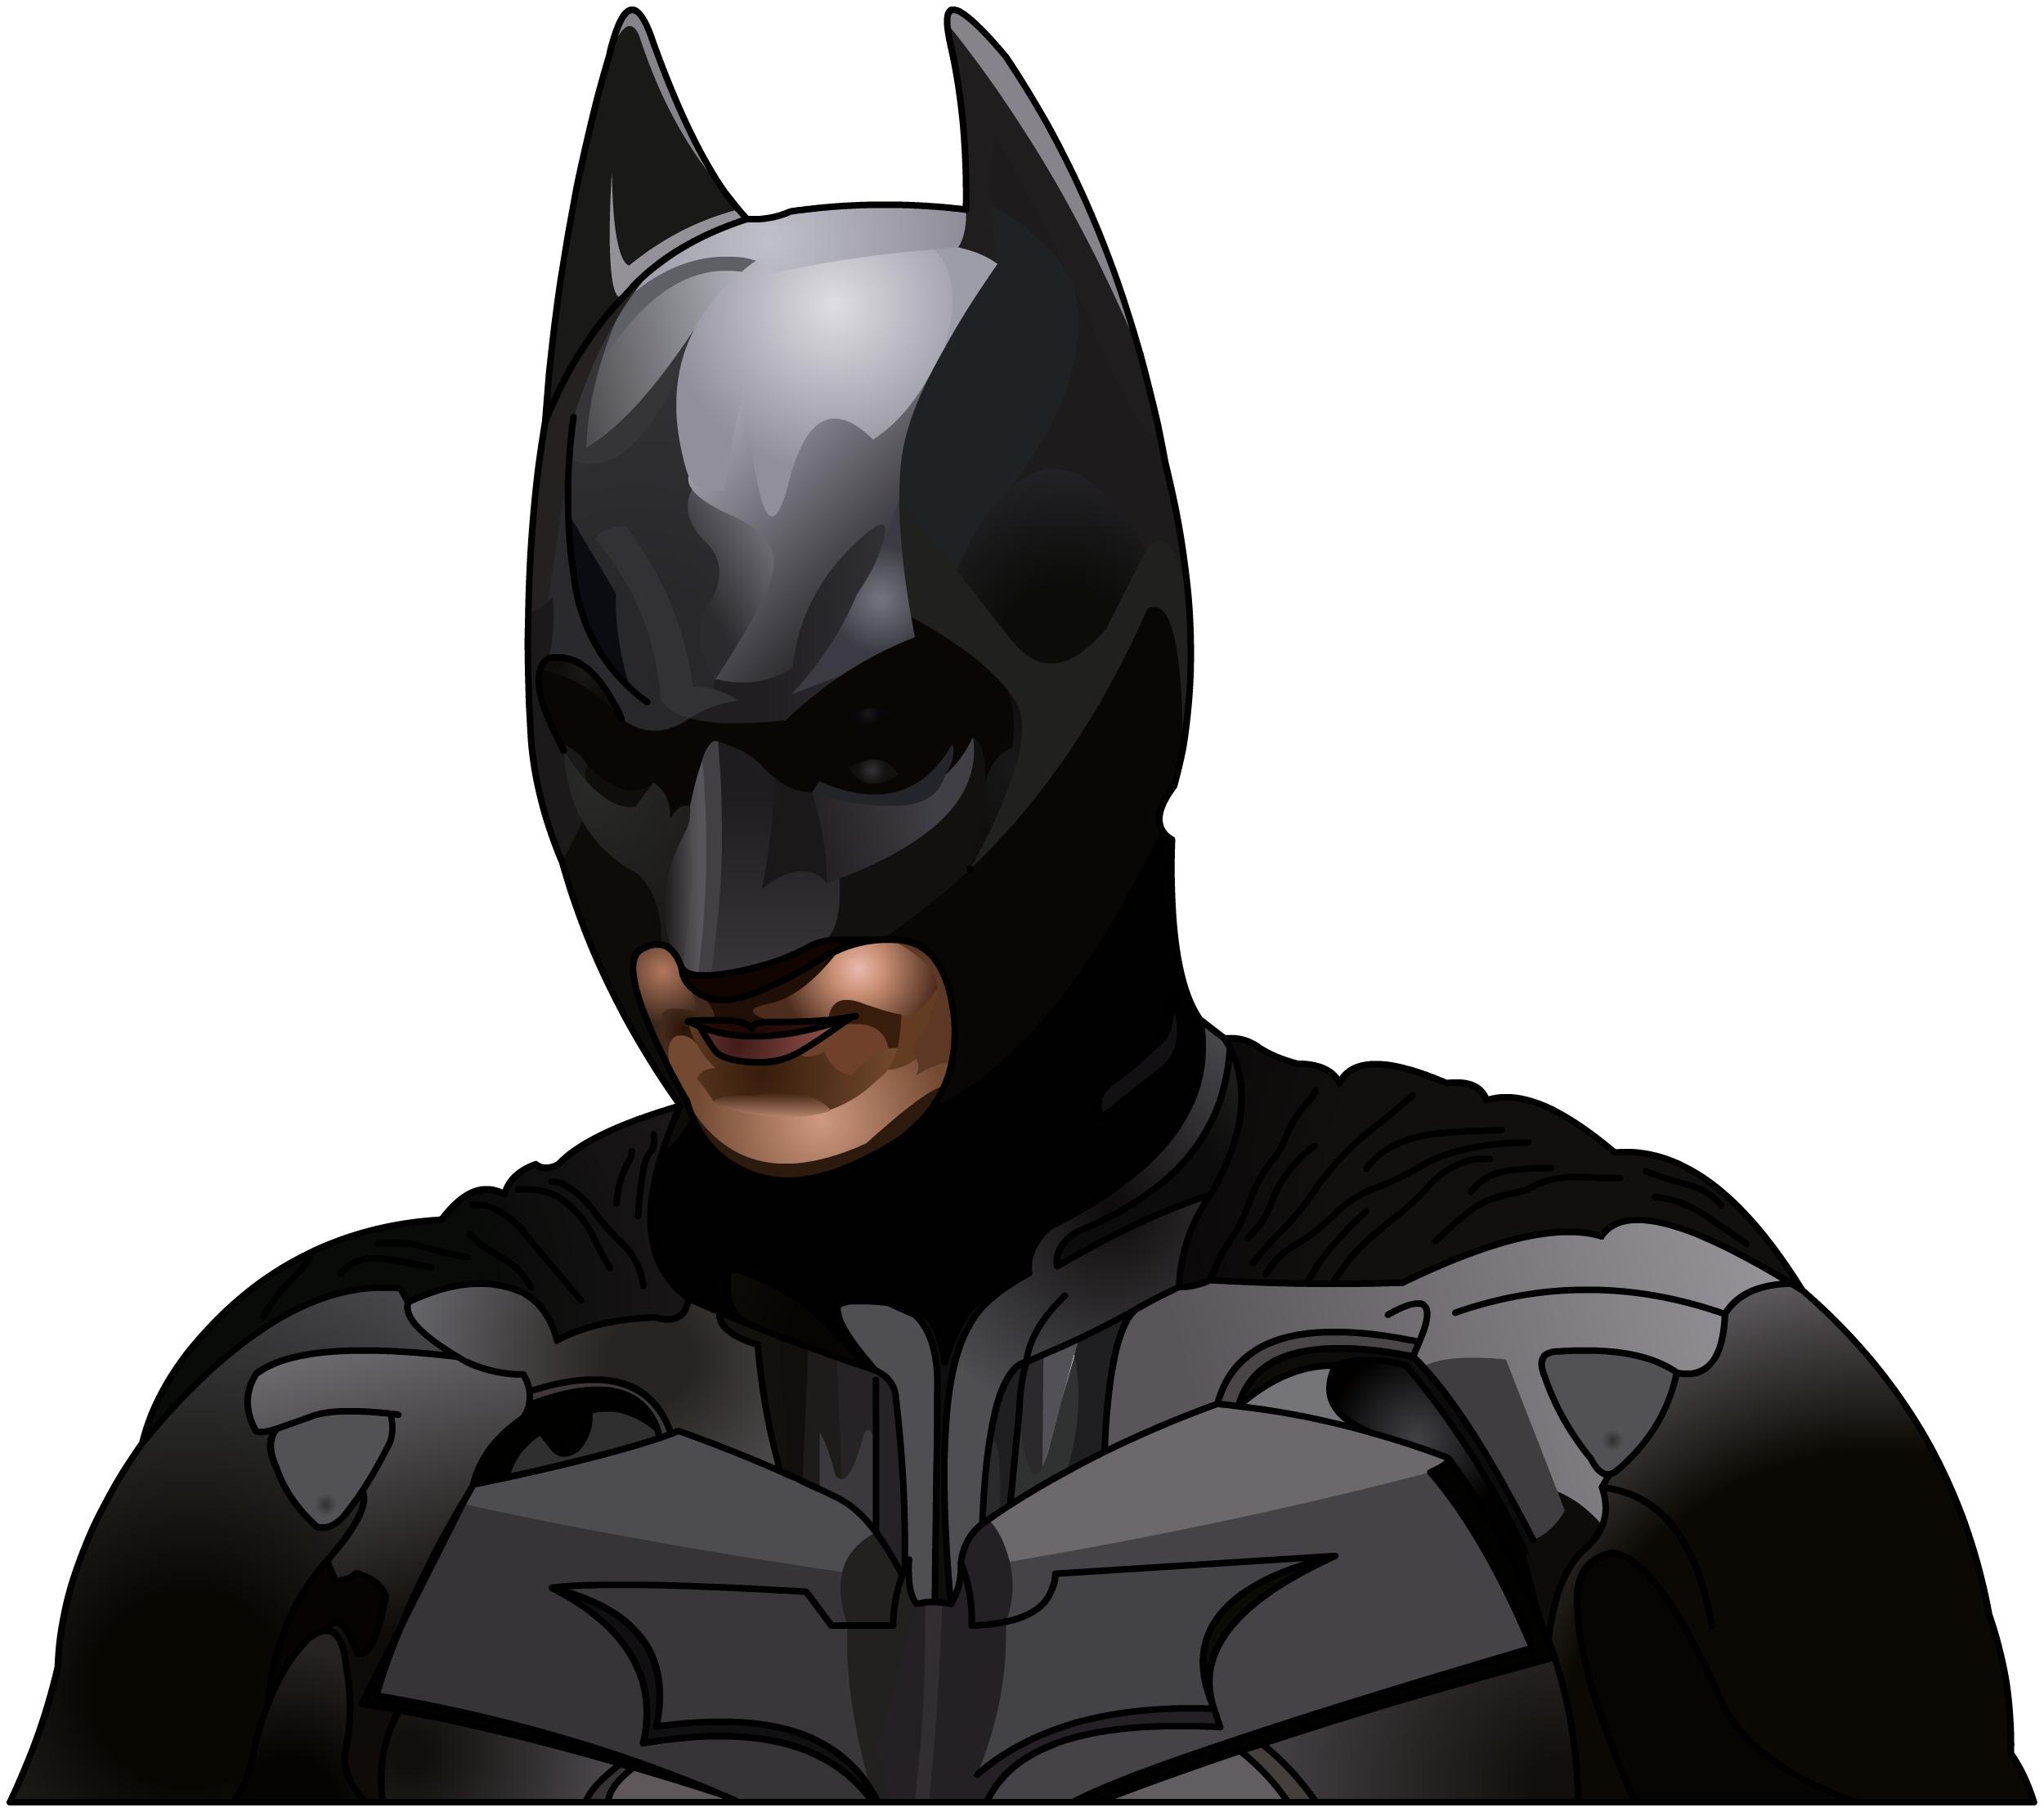 2500x2216 Batman Vector, Batman Free Vectors, Logos, Icons And Photos